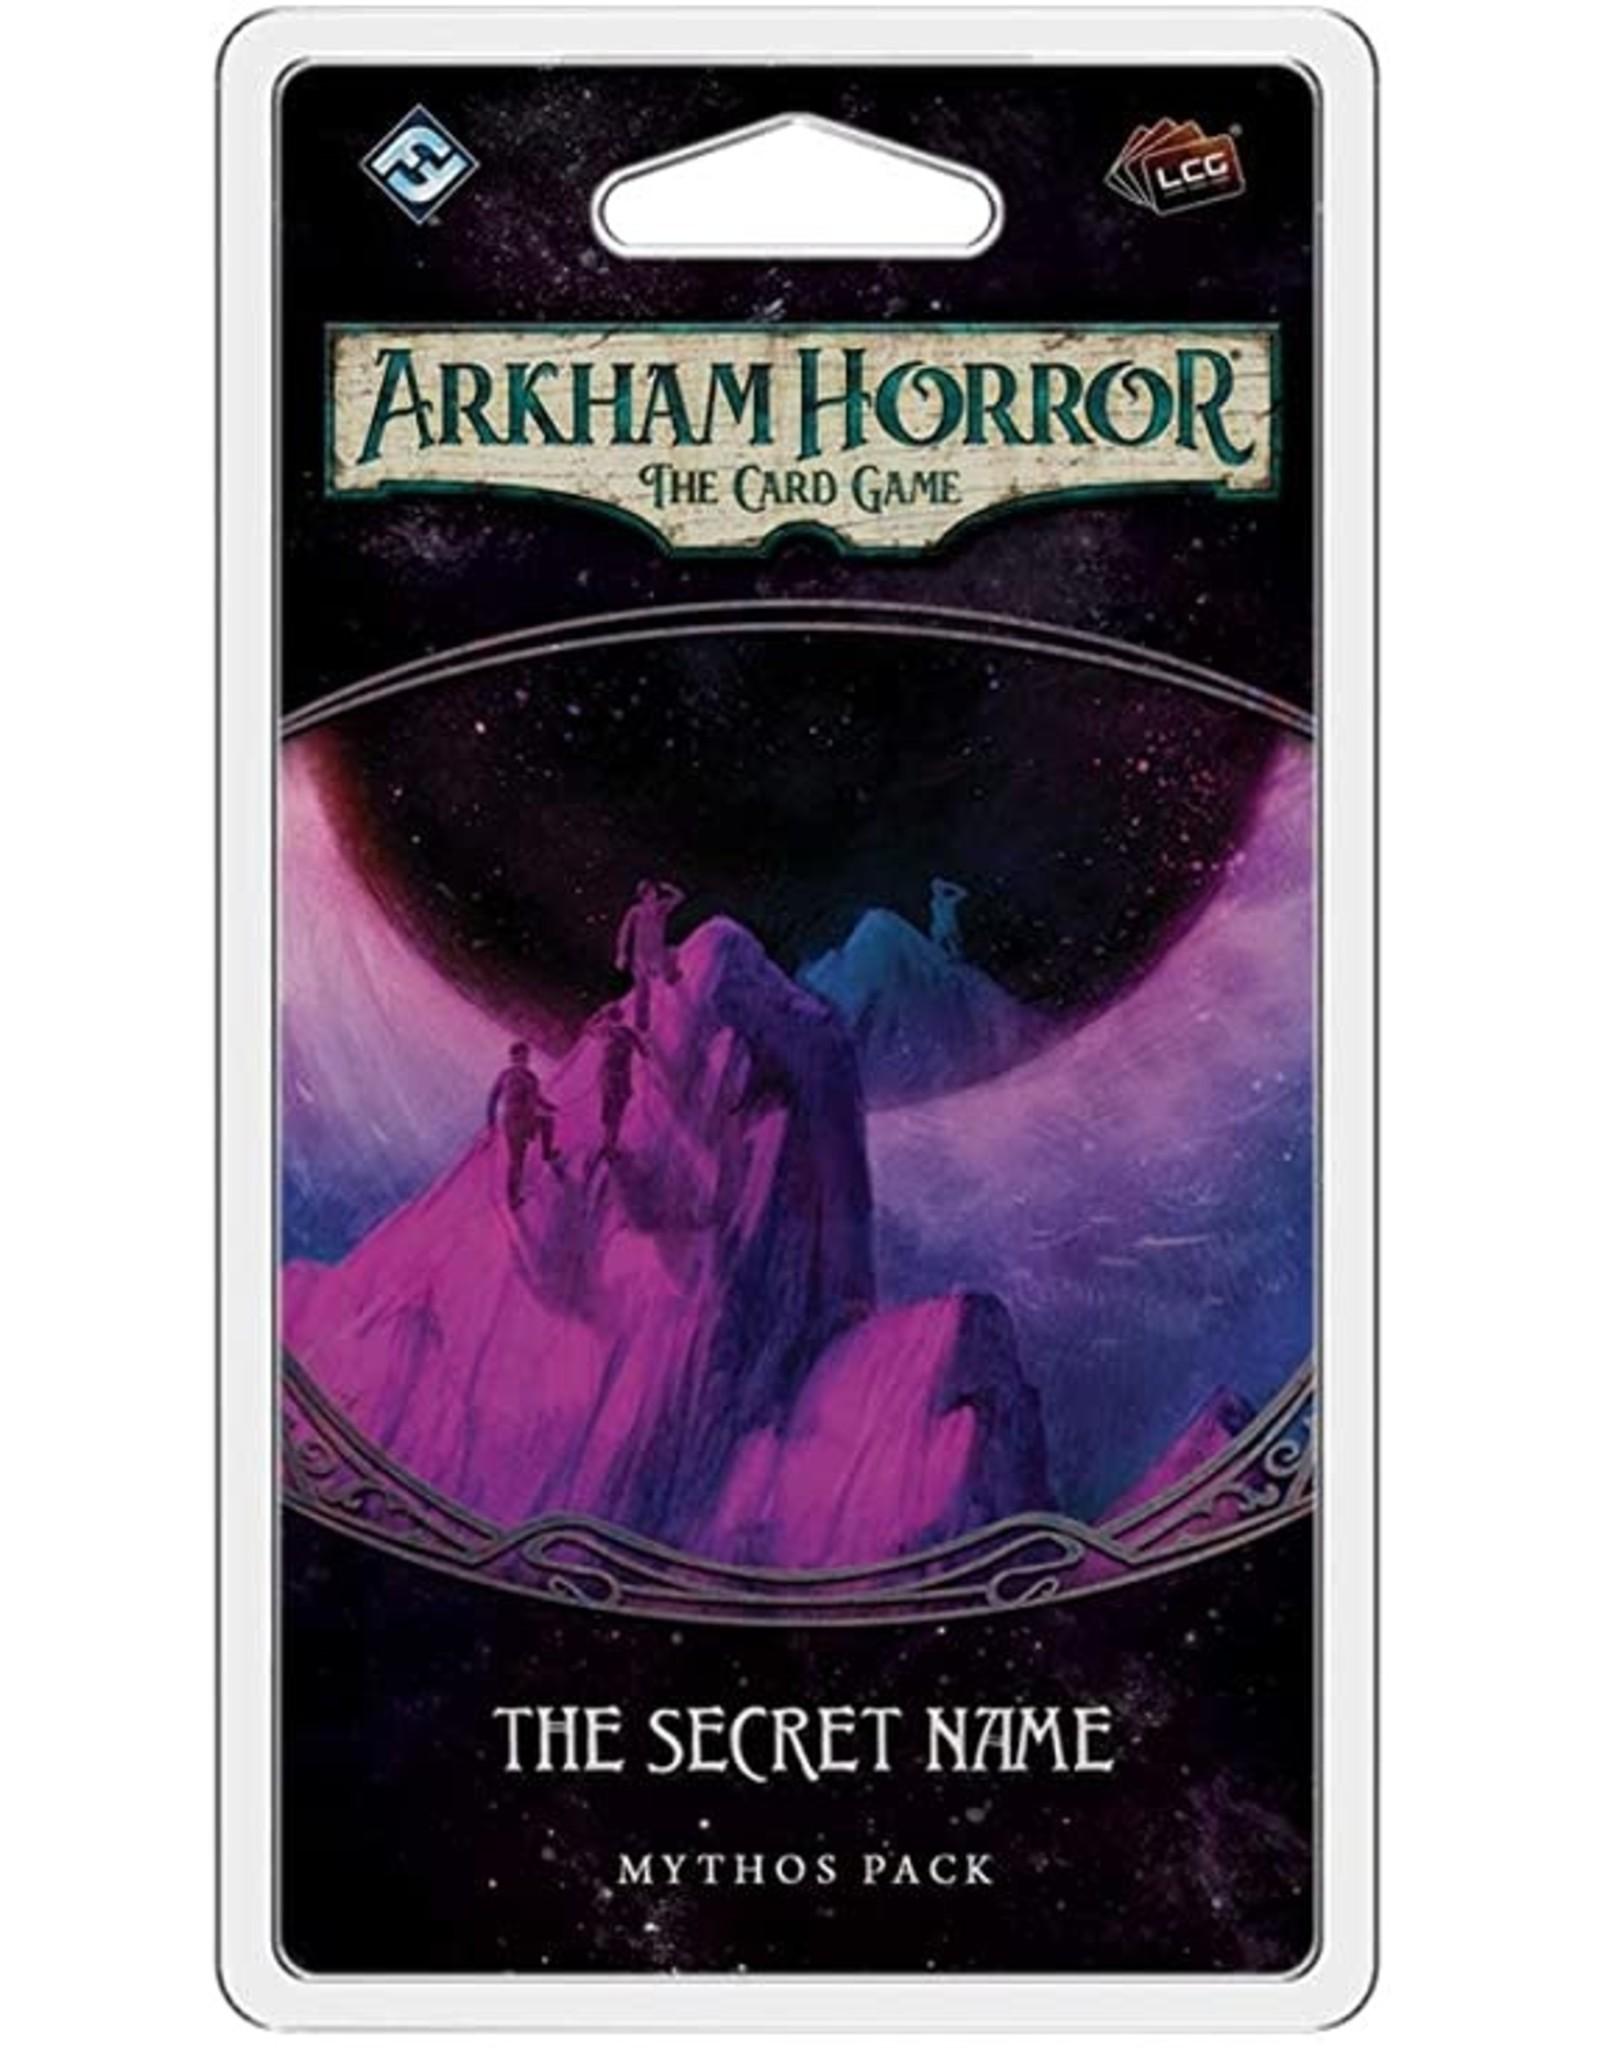 Arkham Horror LCG: The Secret Name Mythos Pack